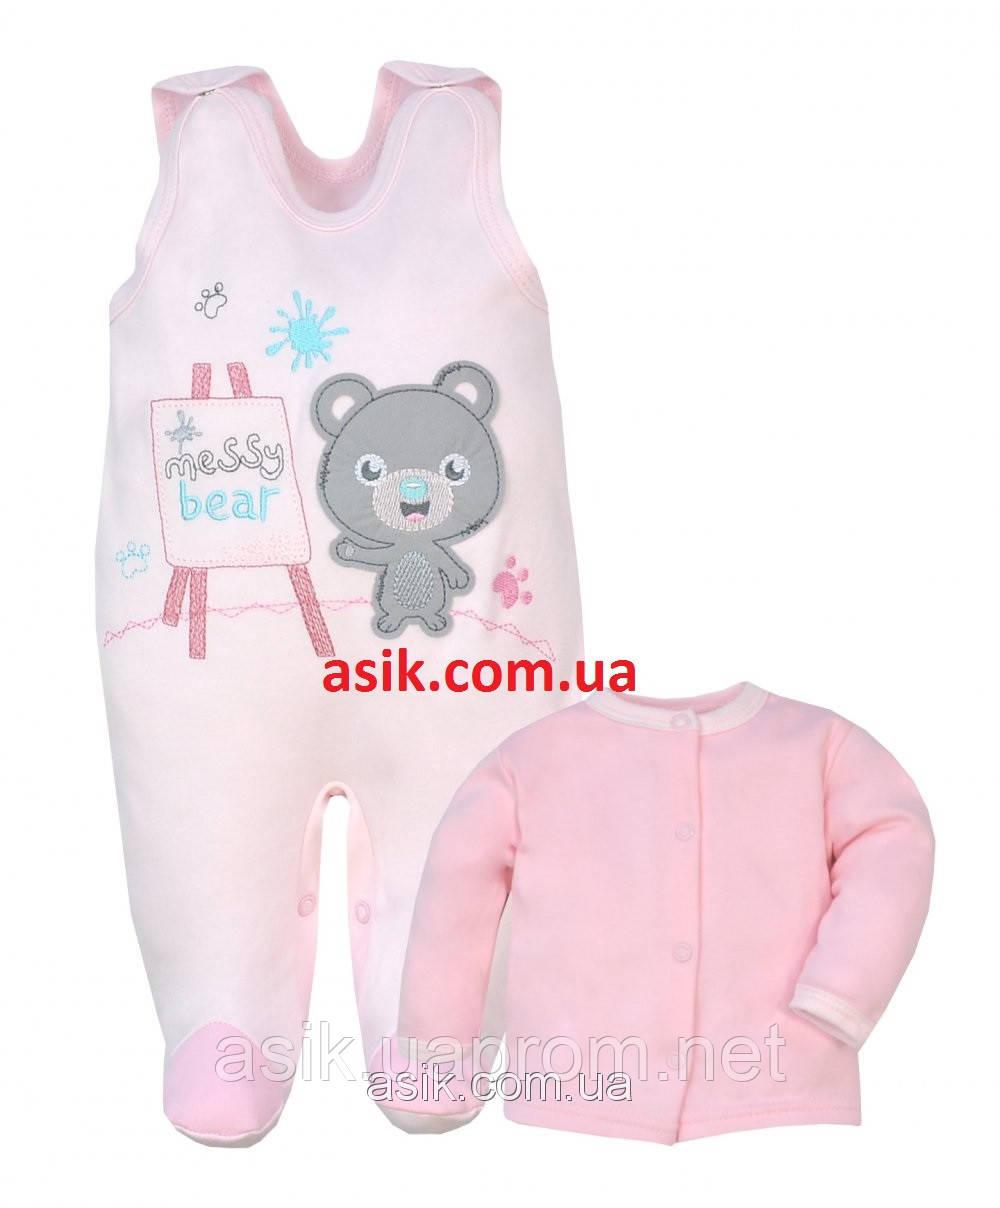 """Комплект для девочки """"Berni"""" размер 74, цвет - розовый."""